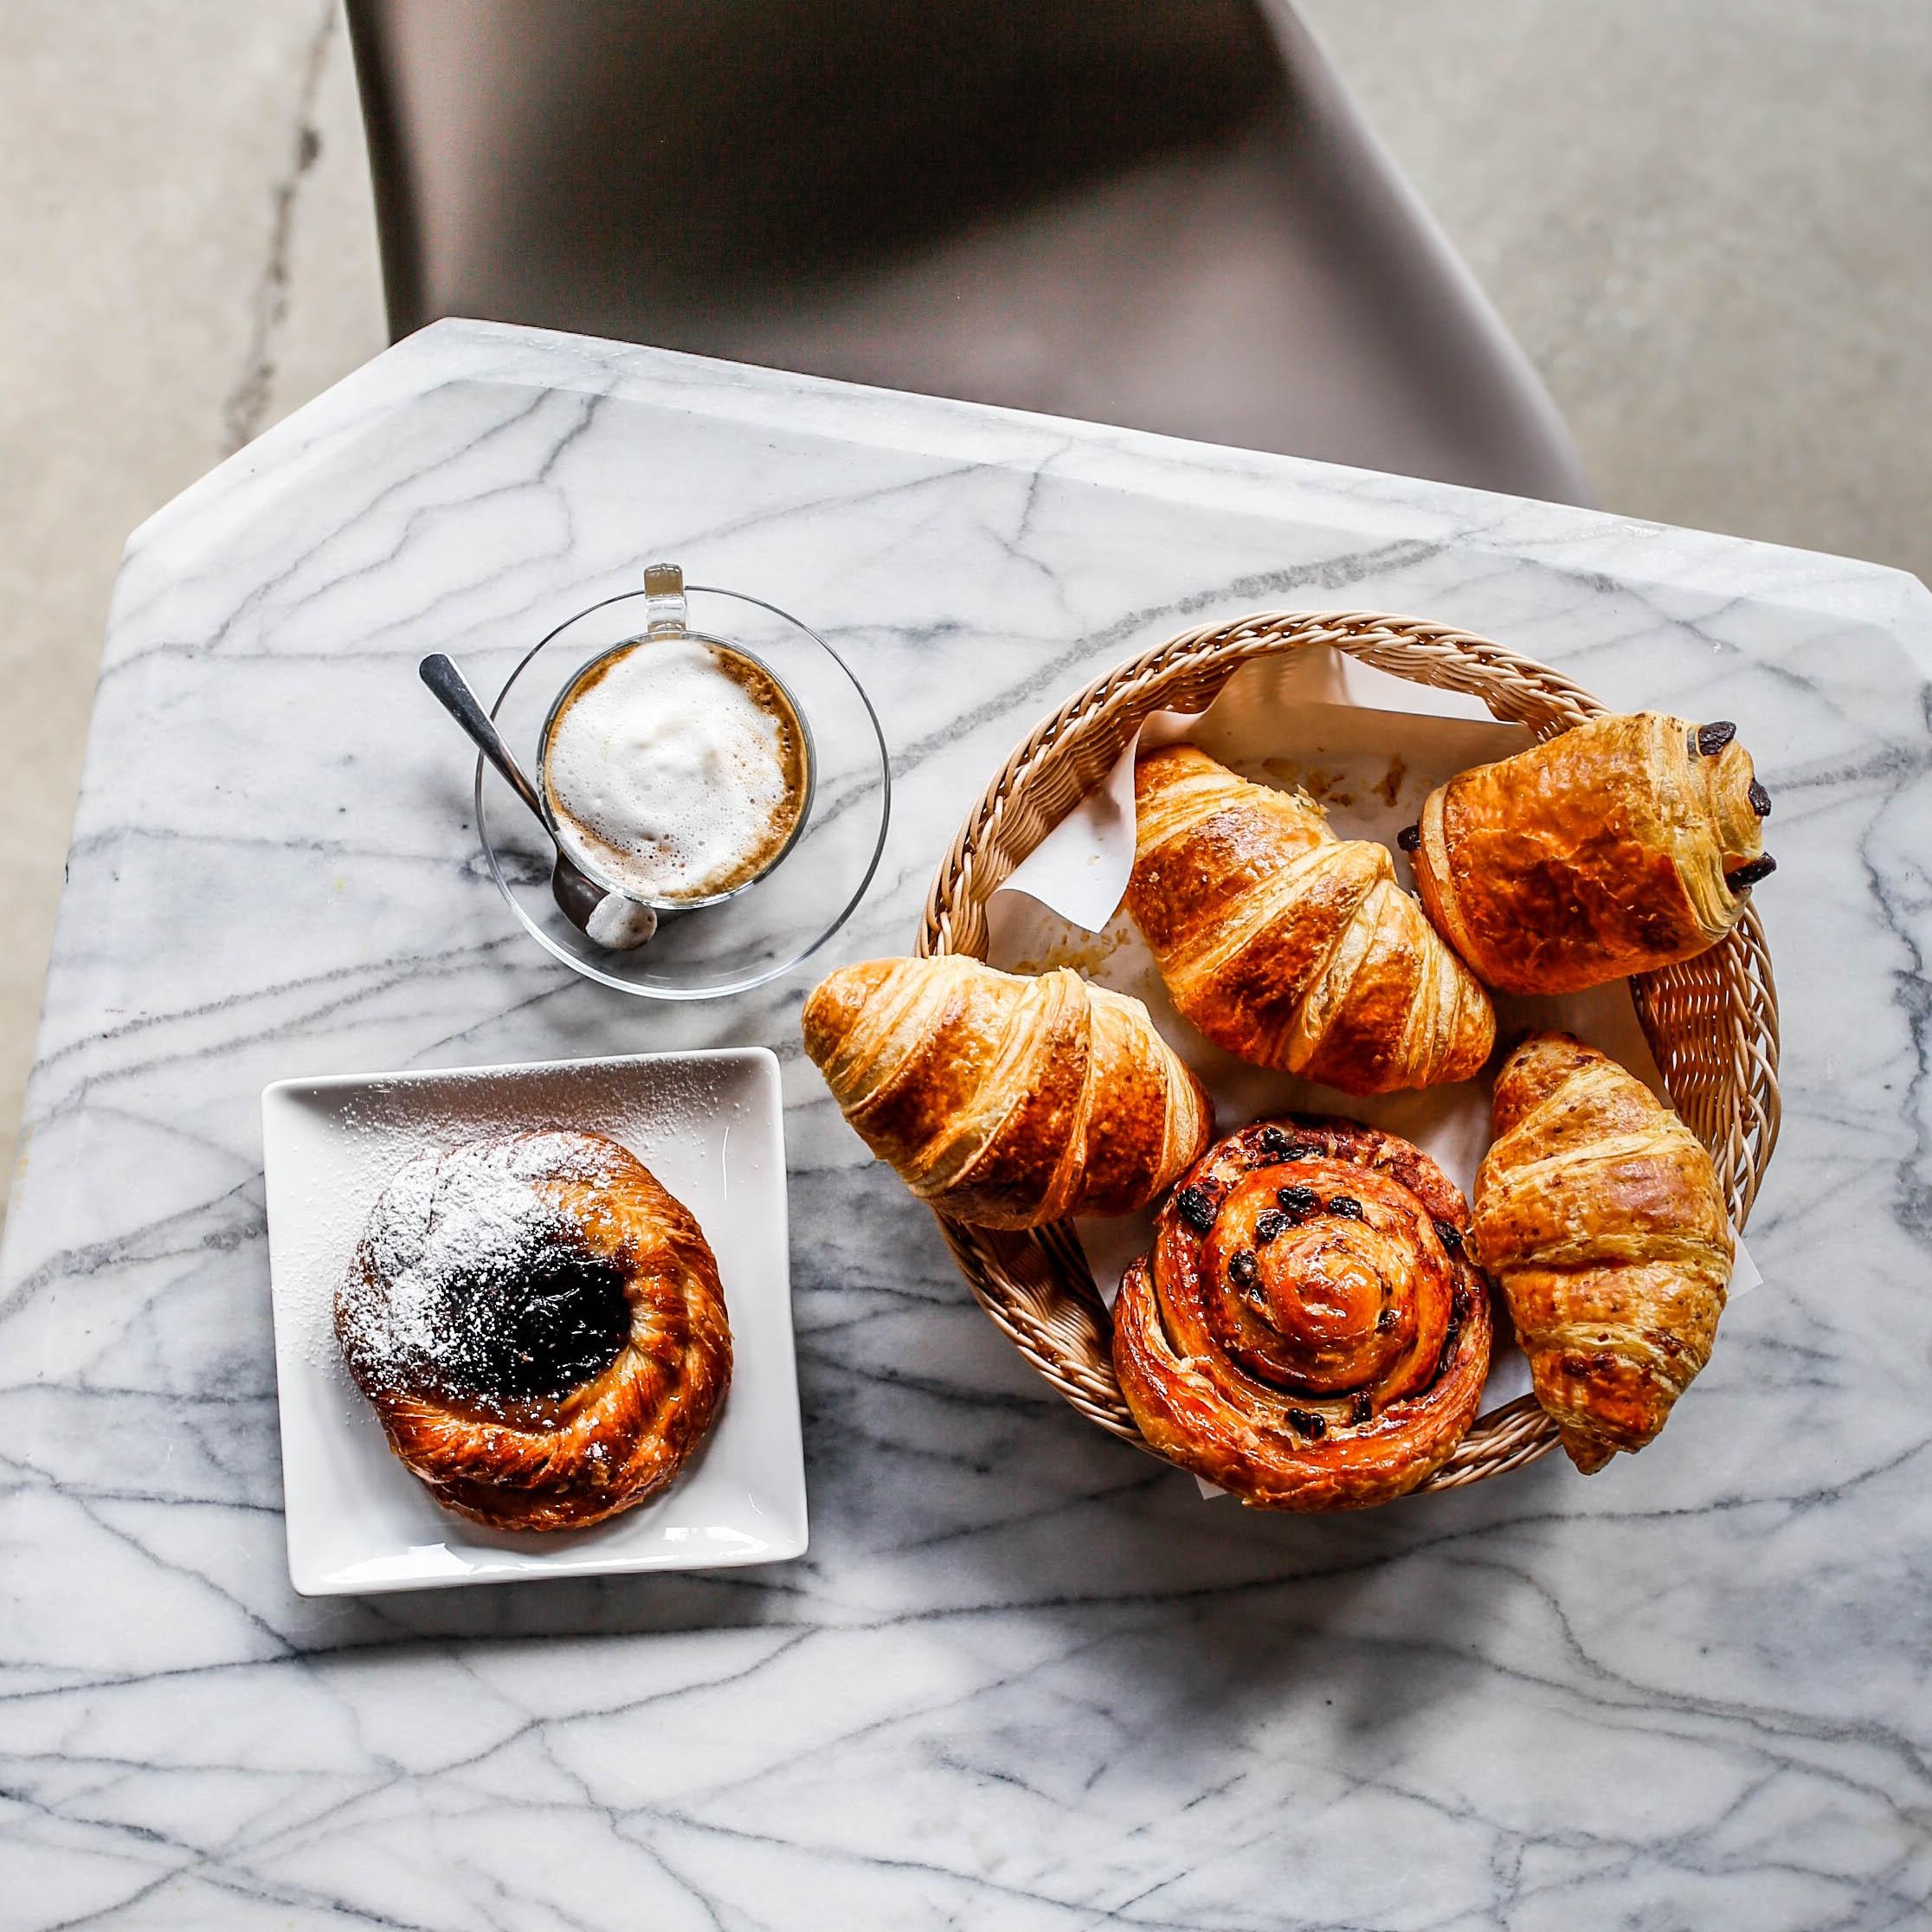 CroissantsDanishesCafé